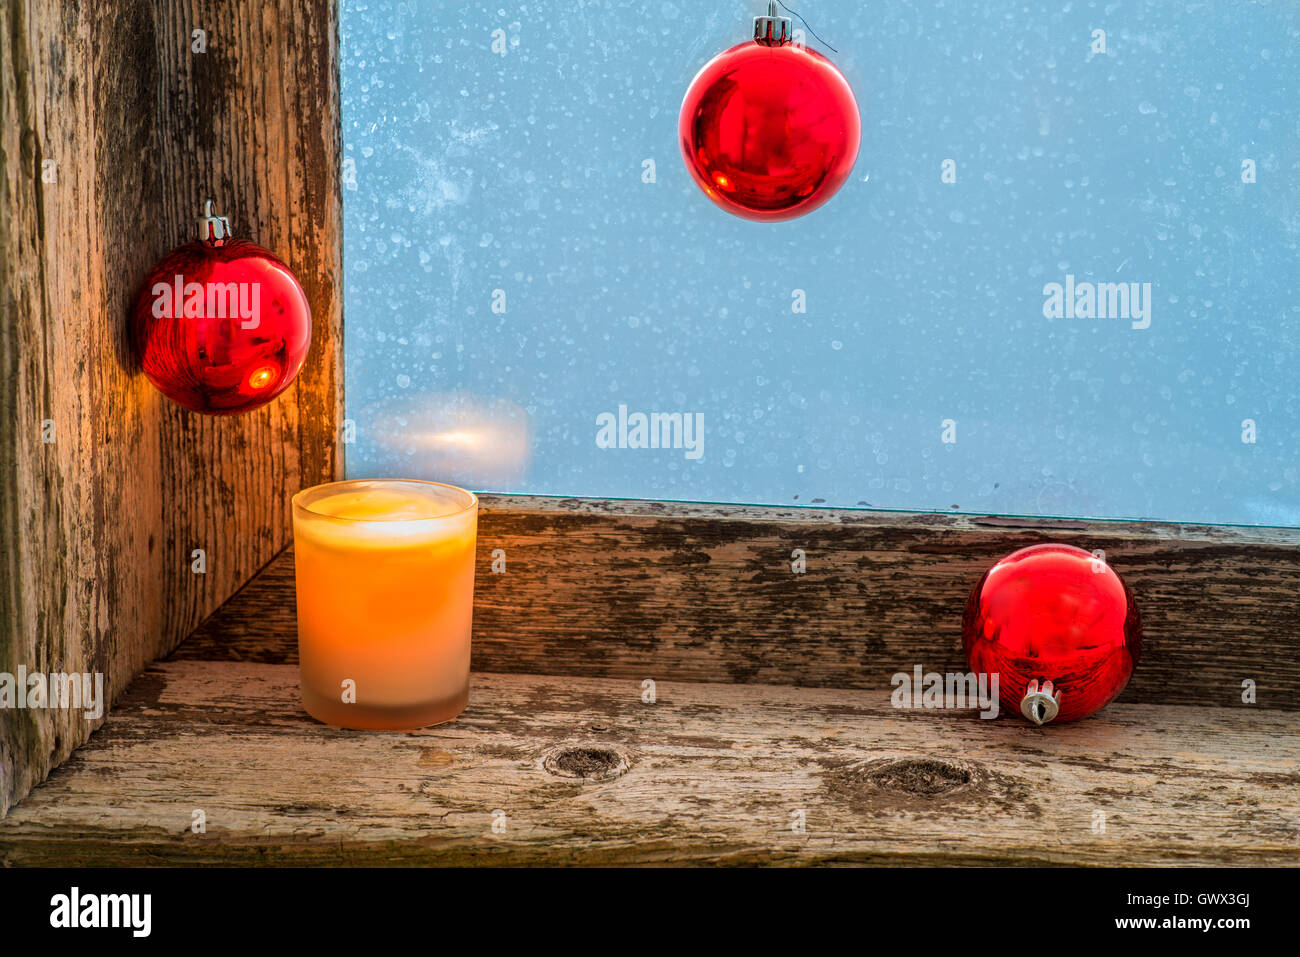 Beleuchtete Weihnachtskugeln.Beleuchtete Kerze Und Weihnachtskugeln Auf Der Fensterbank